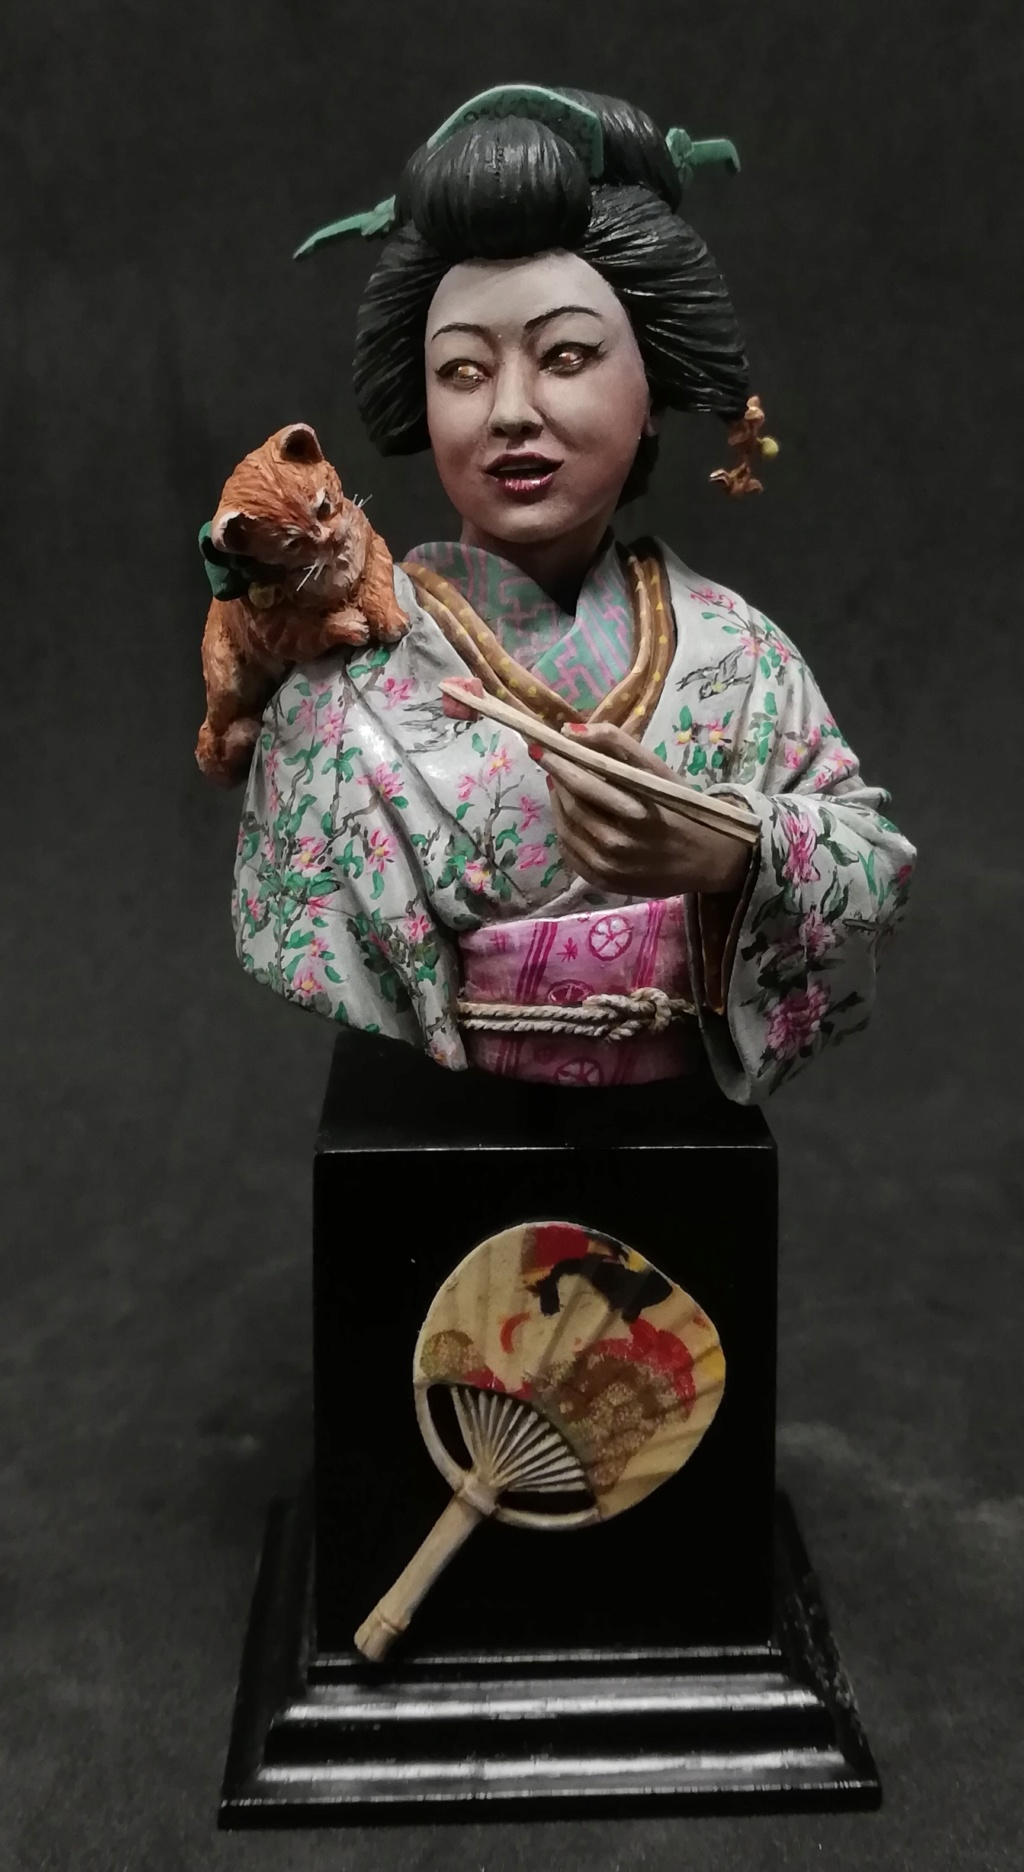 Buste de Geisha terminée - Dernières photos - Page 3 Geisha45